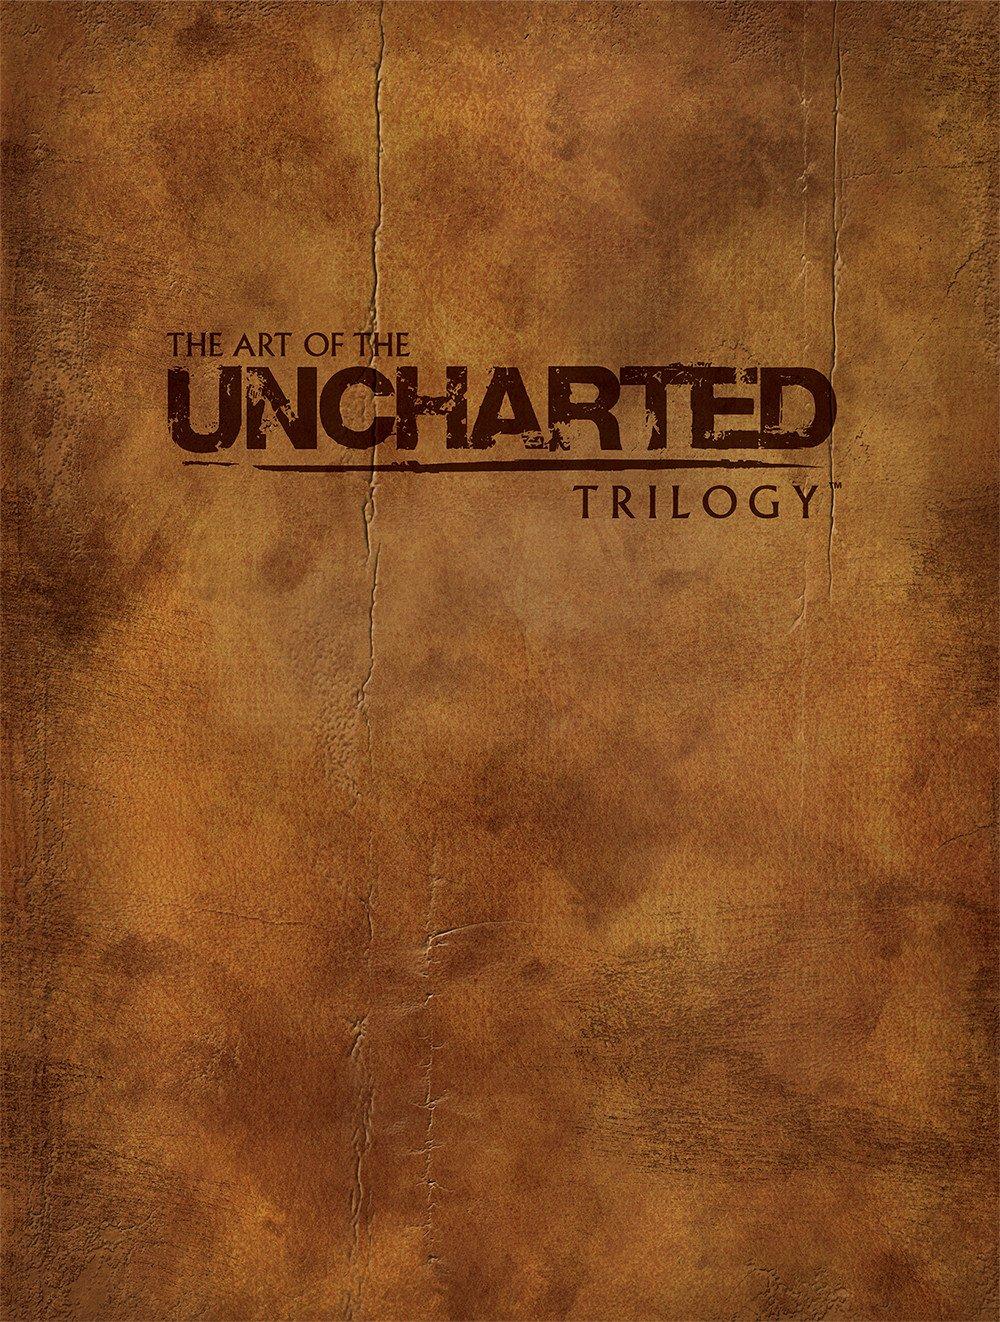 The Art of the Uncharted Trilogy. 184 страничный артбук приуроченный к 30-летию Ноти Богов. - Изображение 2